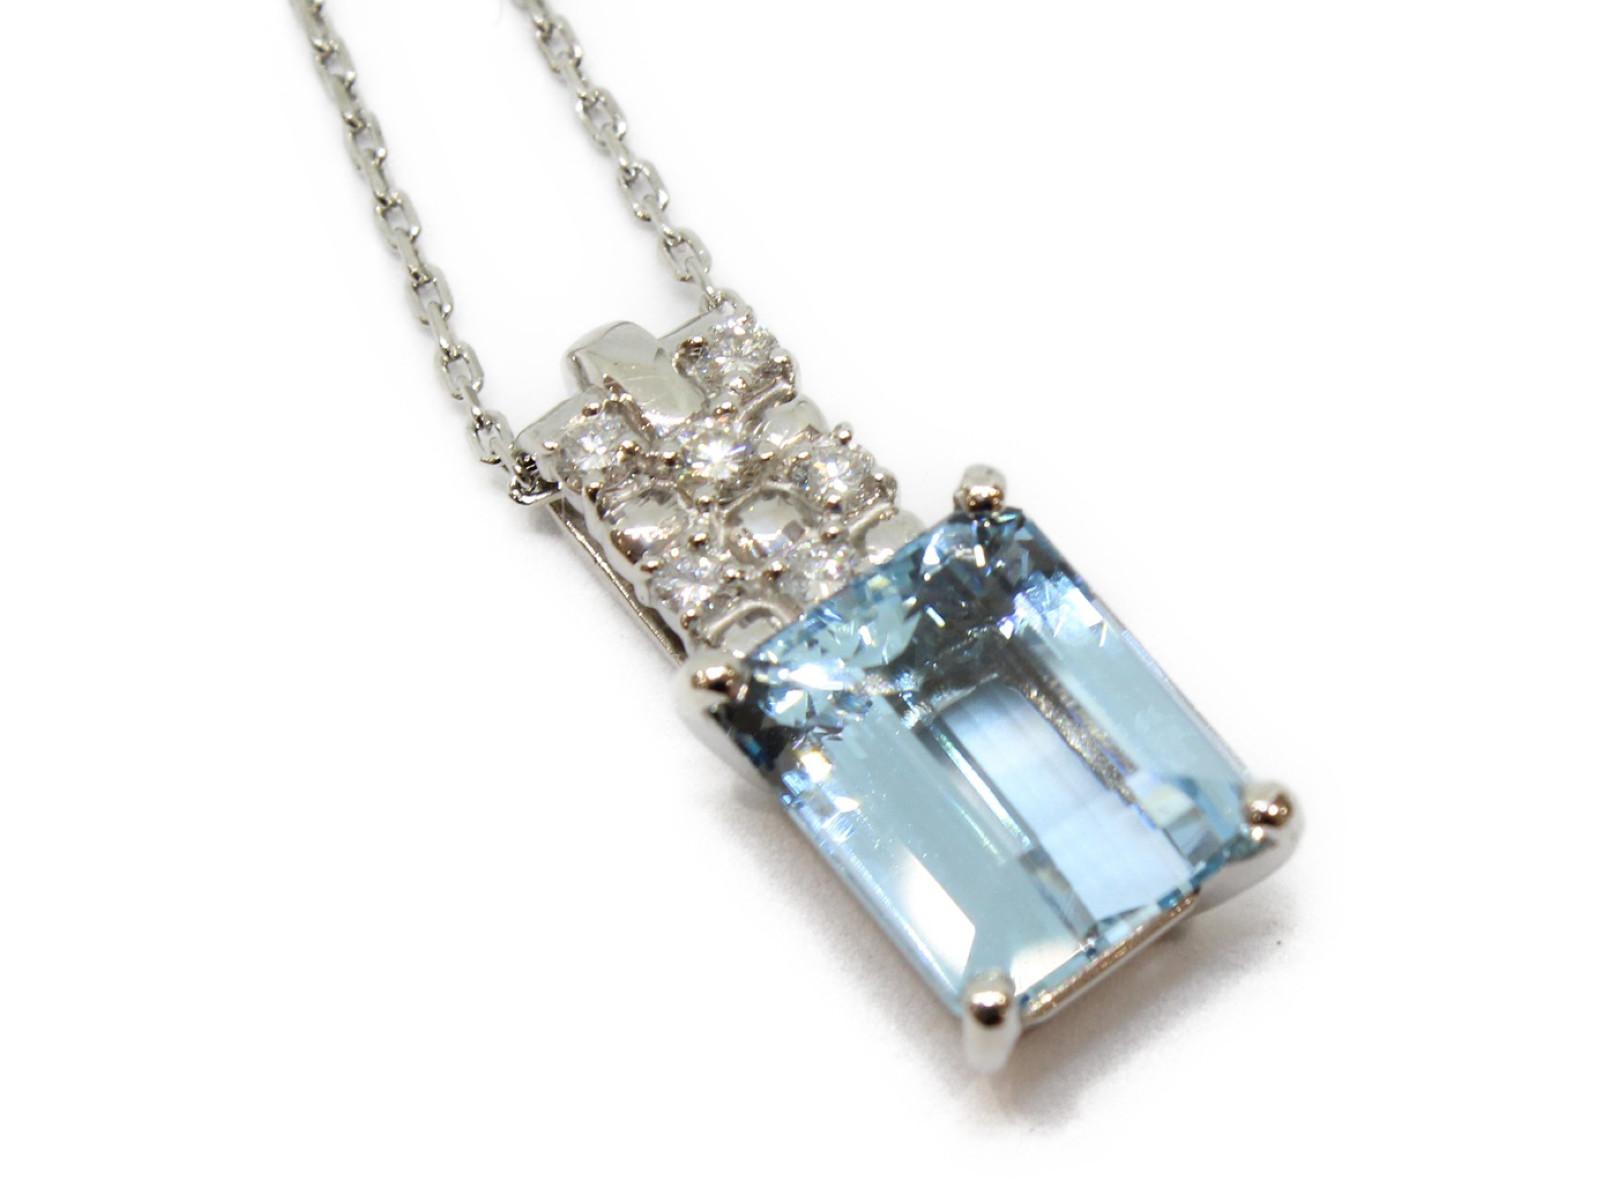 アクアマリンネックレスアクアマリン5.7ctダイヤモンド0.33ctPt900 Pt850 10.6g約42cm/38cm 爽やかギフト包装可 【中古】